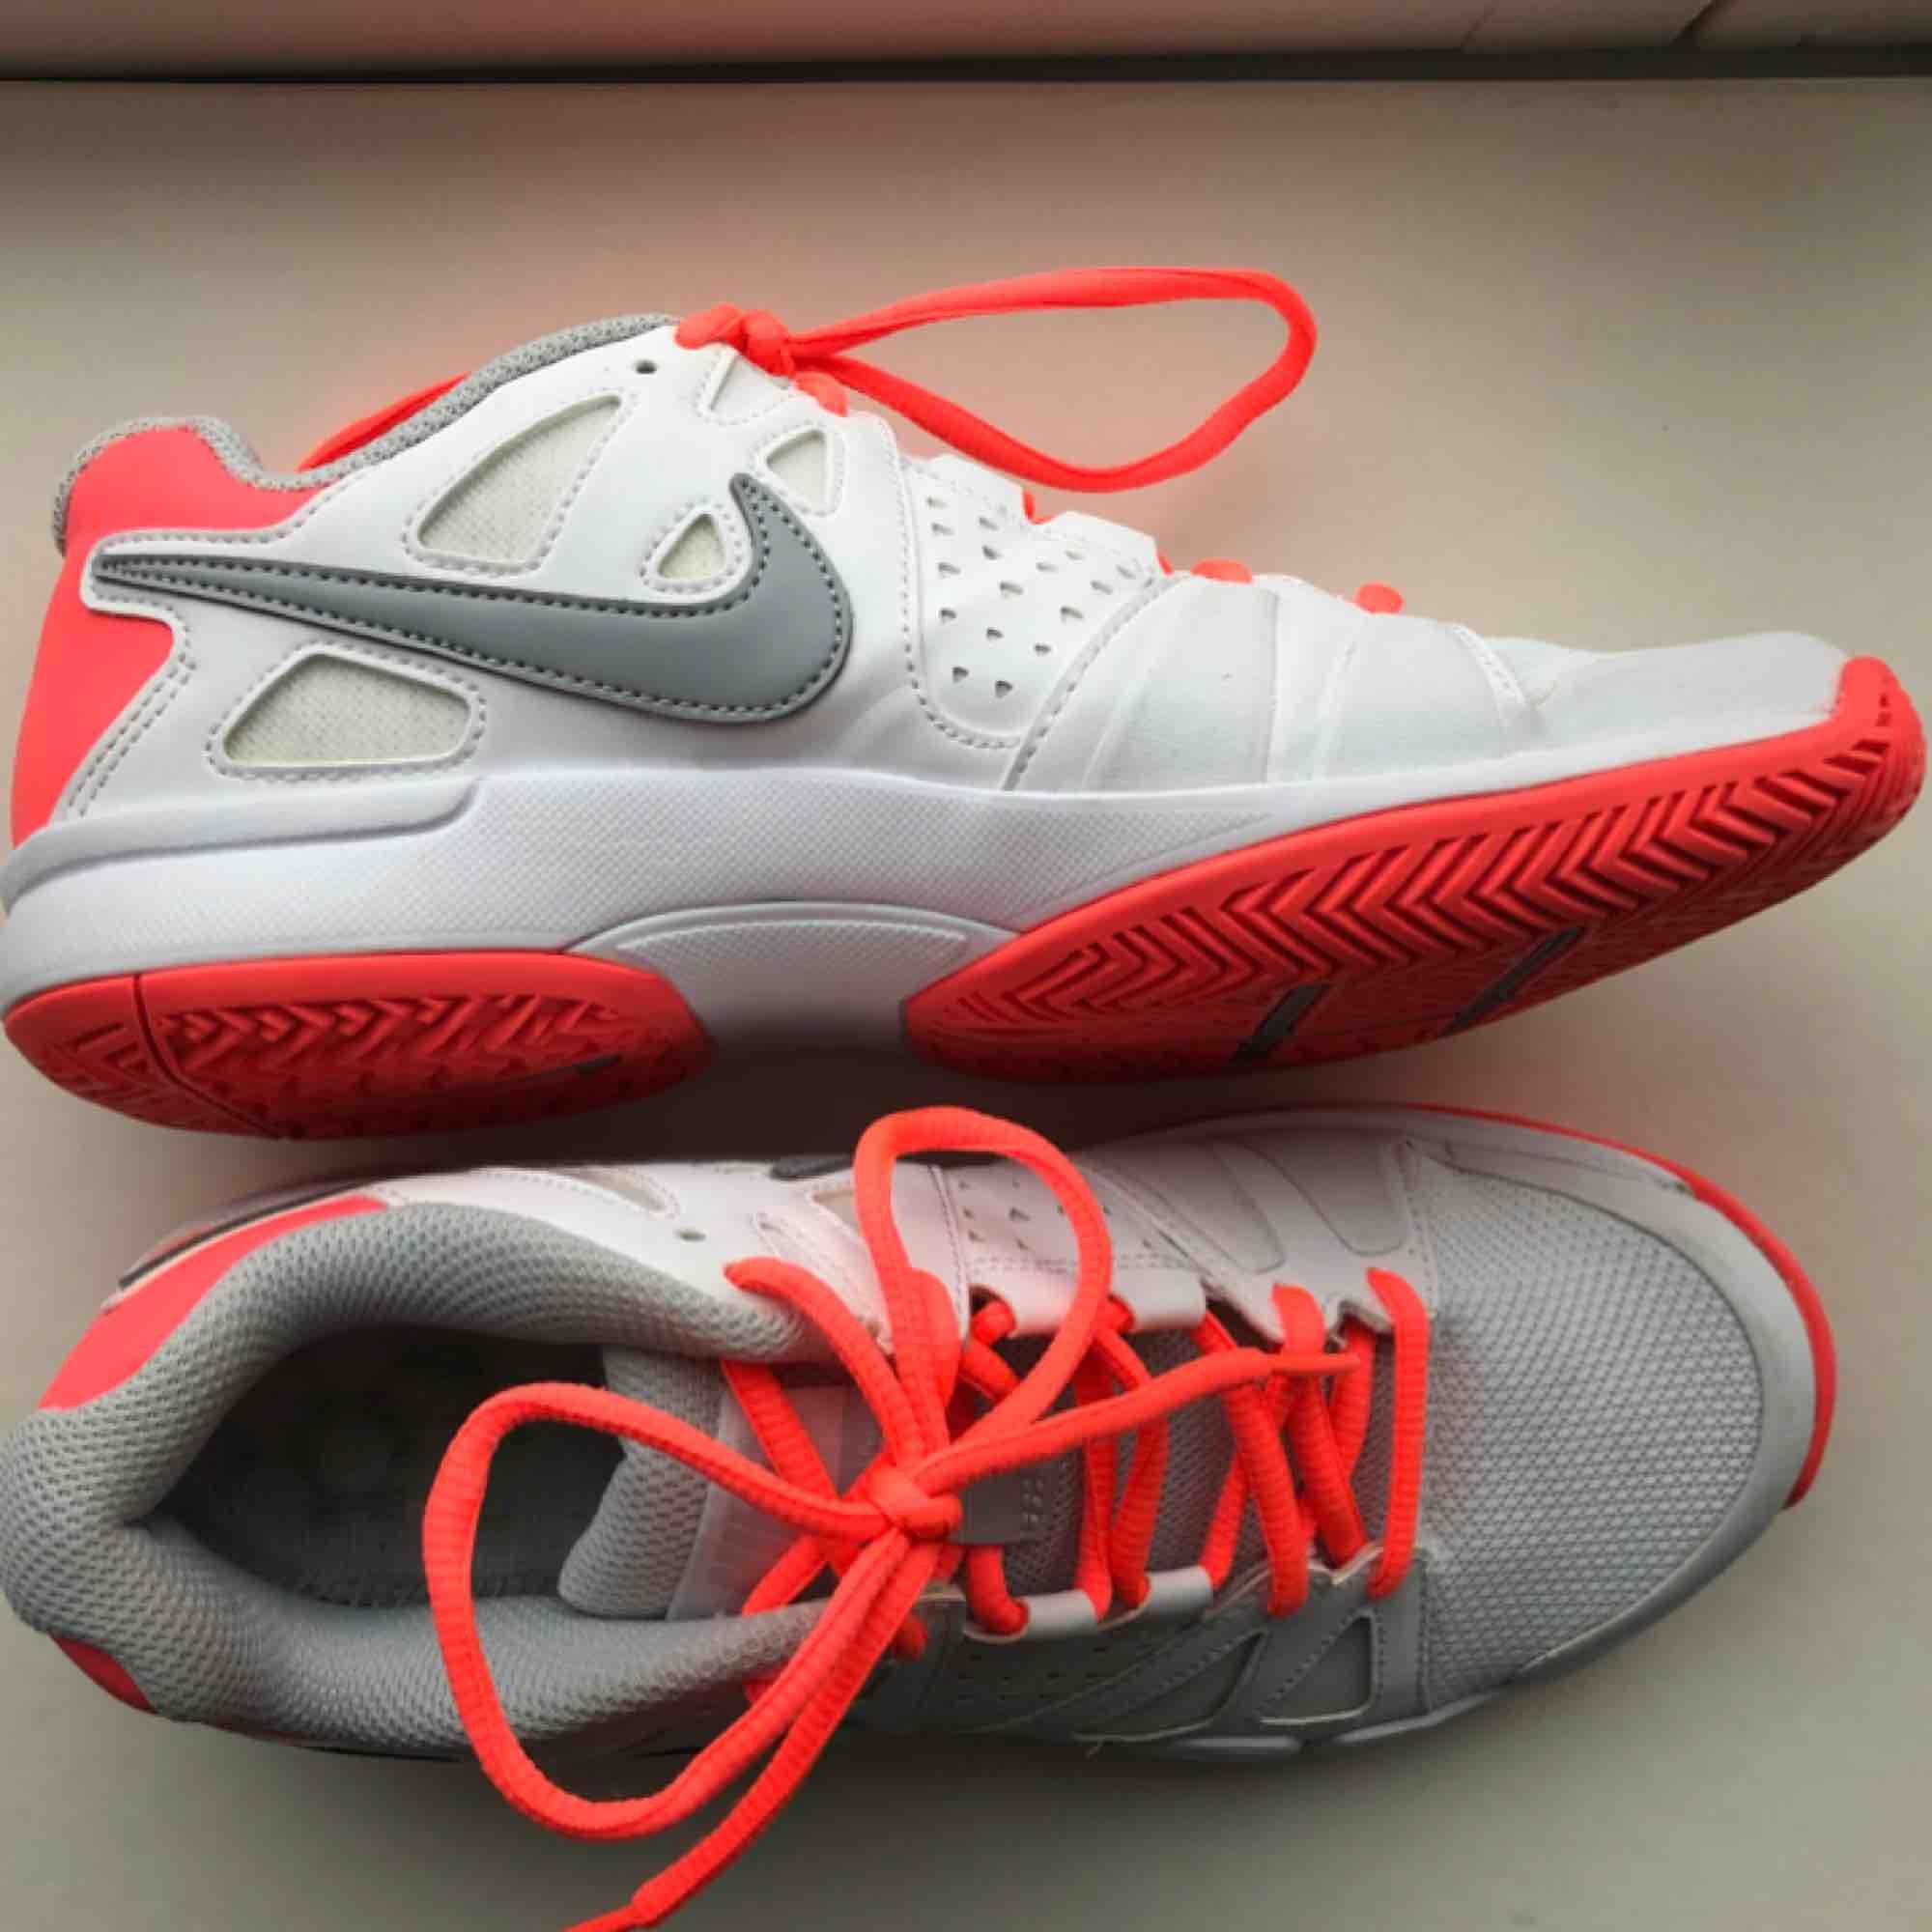 free shipping ad0b2 ba62a brand new 0fed9 9dbd9 nike idrottsskor  timeless design f20af 8e1d6  Oanvända Tennisskor, men är mycket stabila för foten och funkar därför